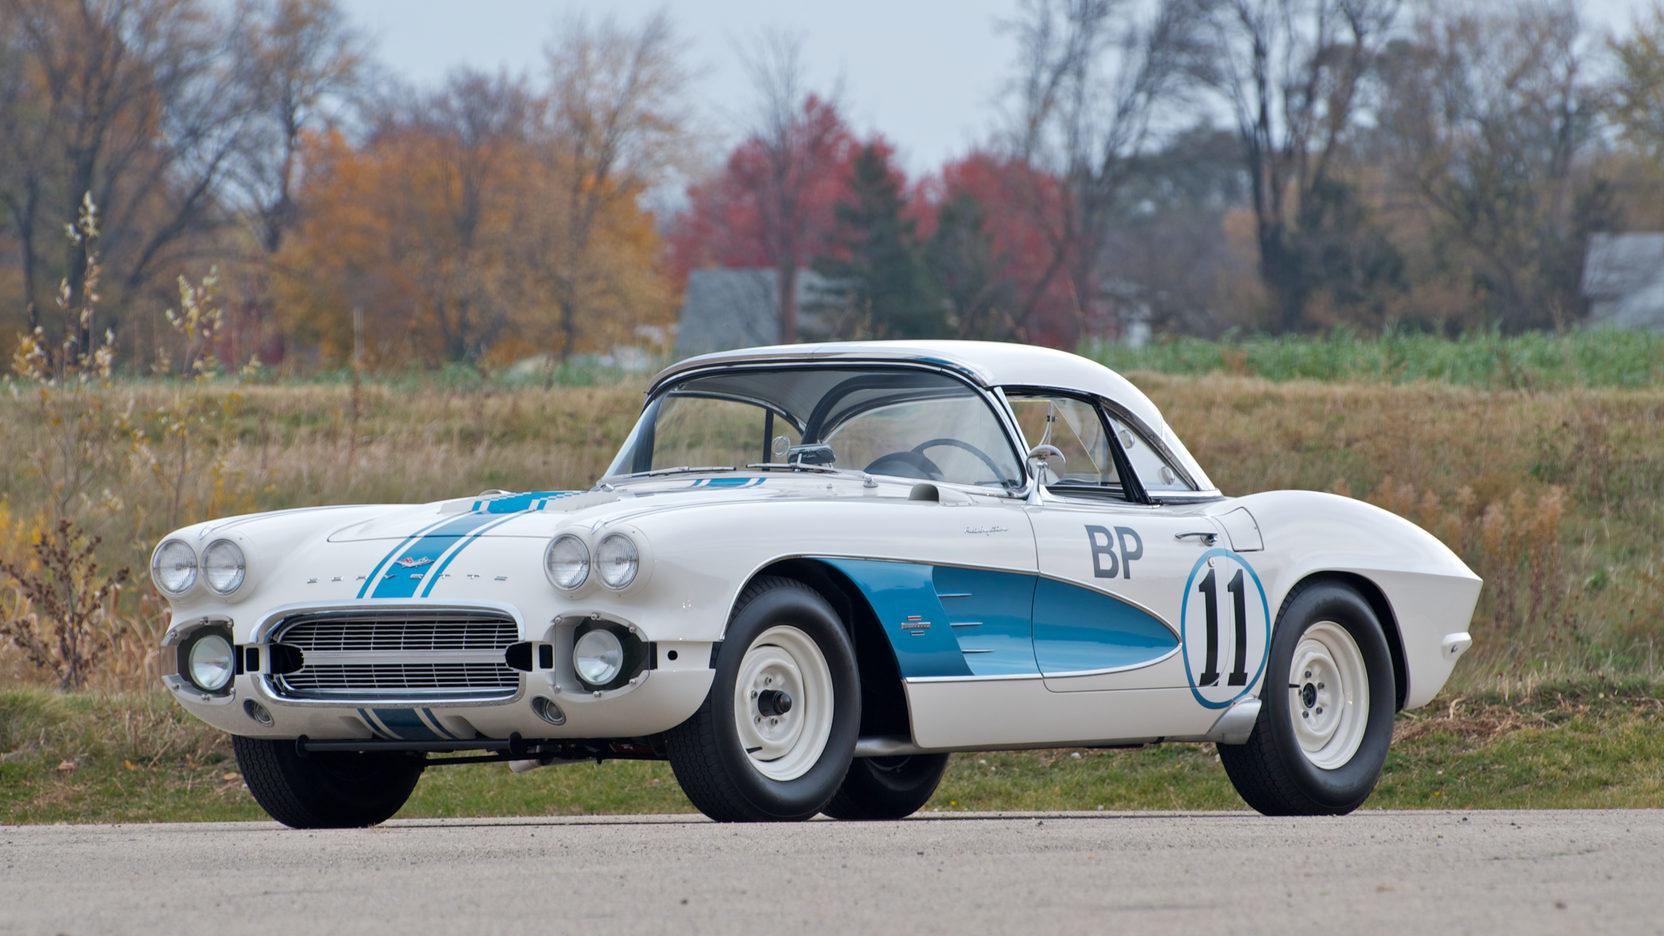 Gulf Oil-sponsored 1961 Corvette